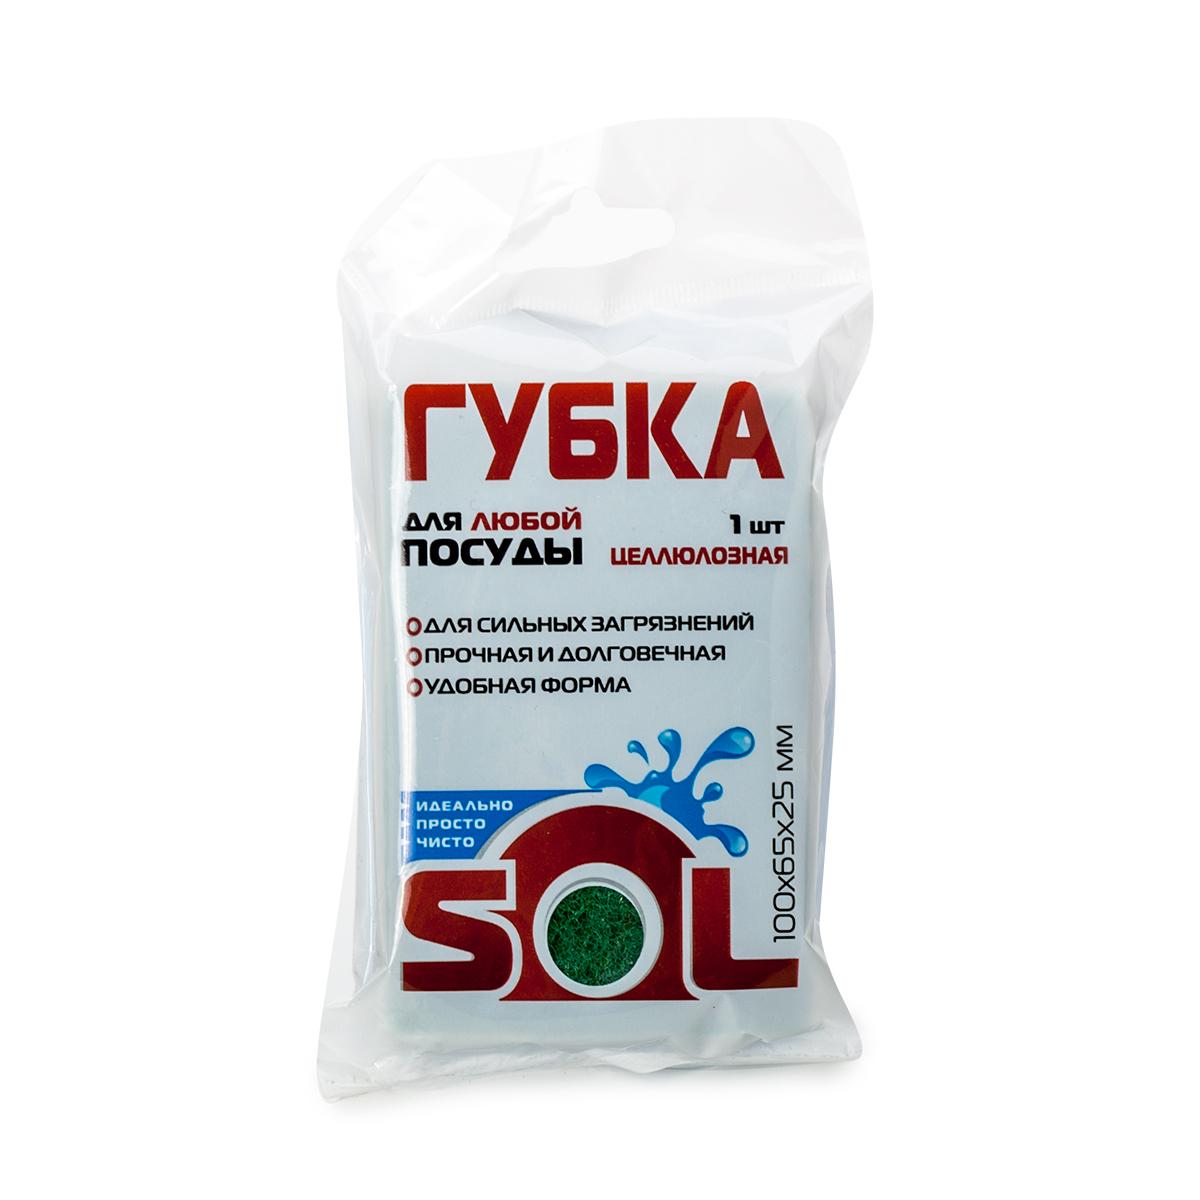 Губка для мытья посуды Sol, целлюлозная, цвет: голубой, 10 х 6,5 х 2,5 см531-105Целлюлозная губка Sol хорошо впитывает влагу и очищает деликатные поверхности. При высыхании твердеет, что препятствует размножению бактерий и возникновению неприятных запахов. Может применяться для мытья посуды из тефлона и нержавеющей стали, керамических плит.